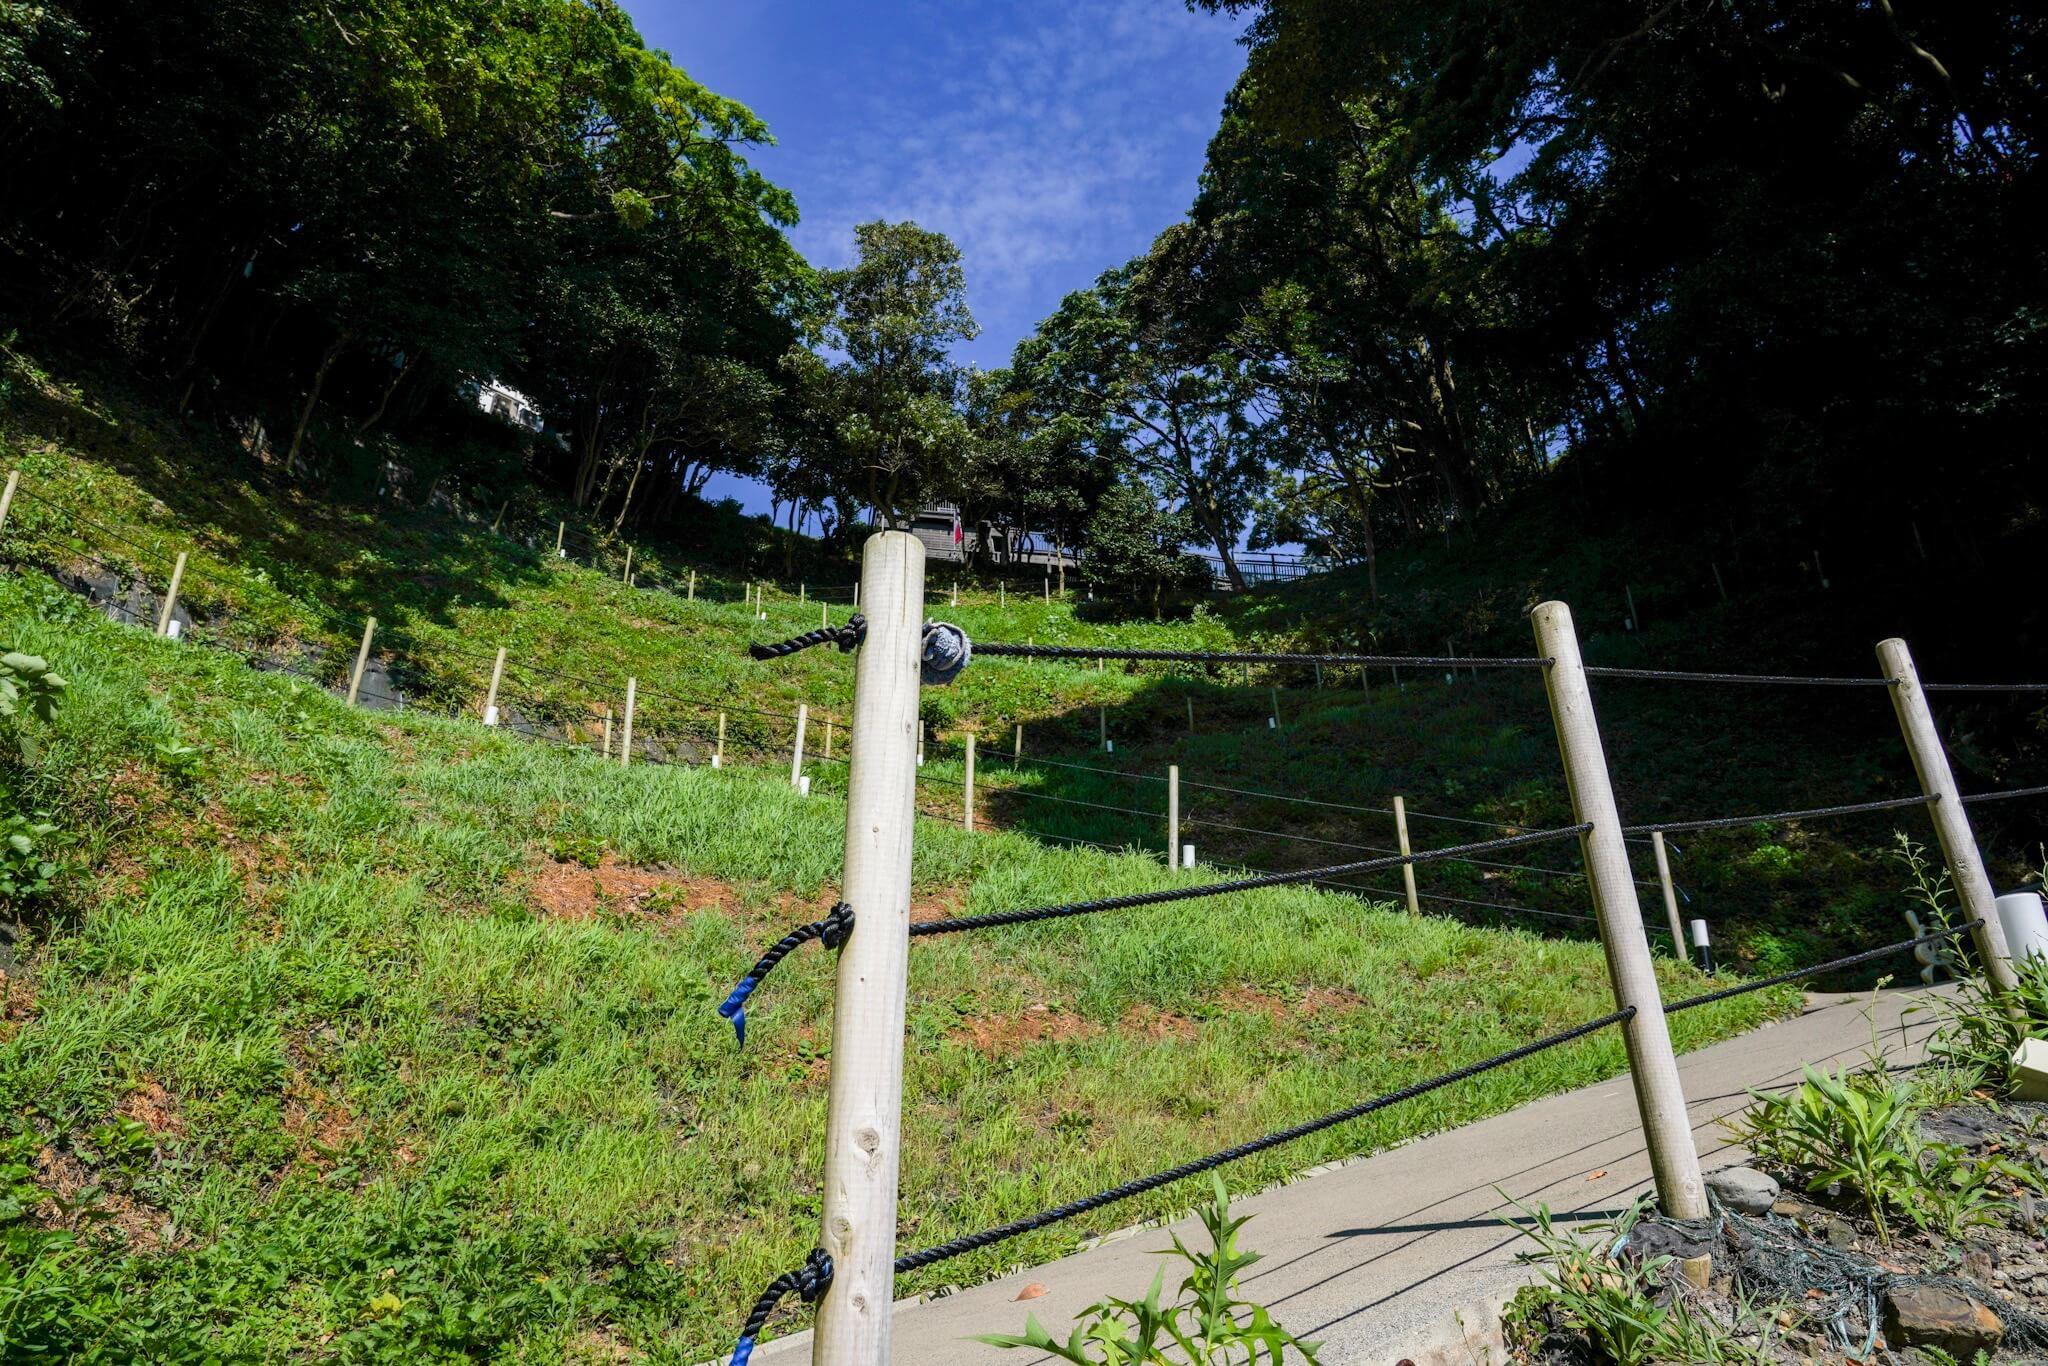 聖域の岬・青の洞窟 パワースポット「つづら折りの坂」